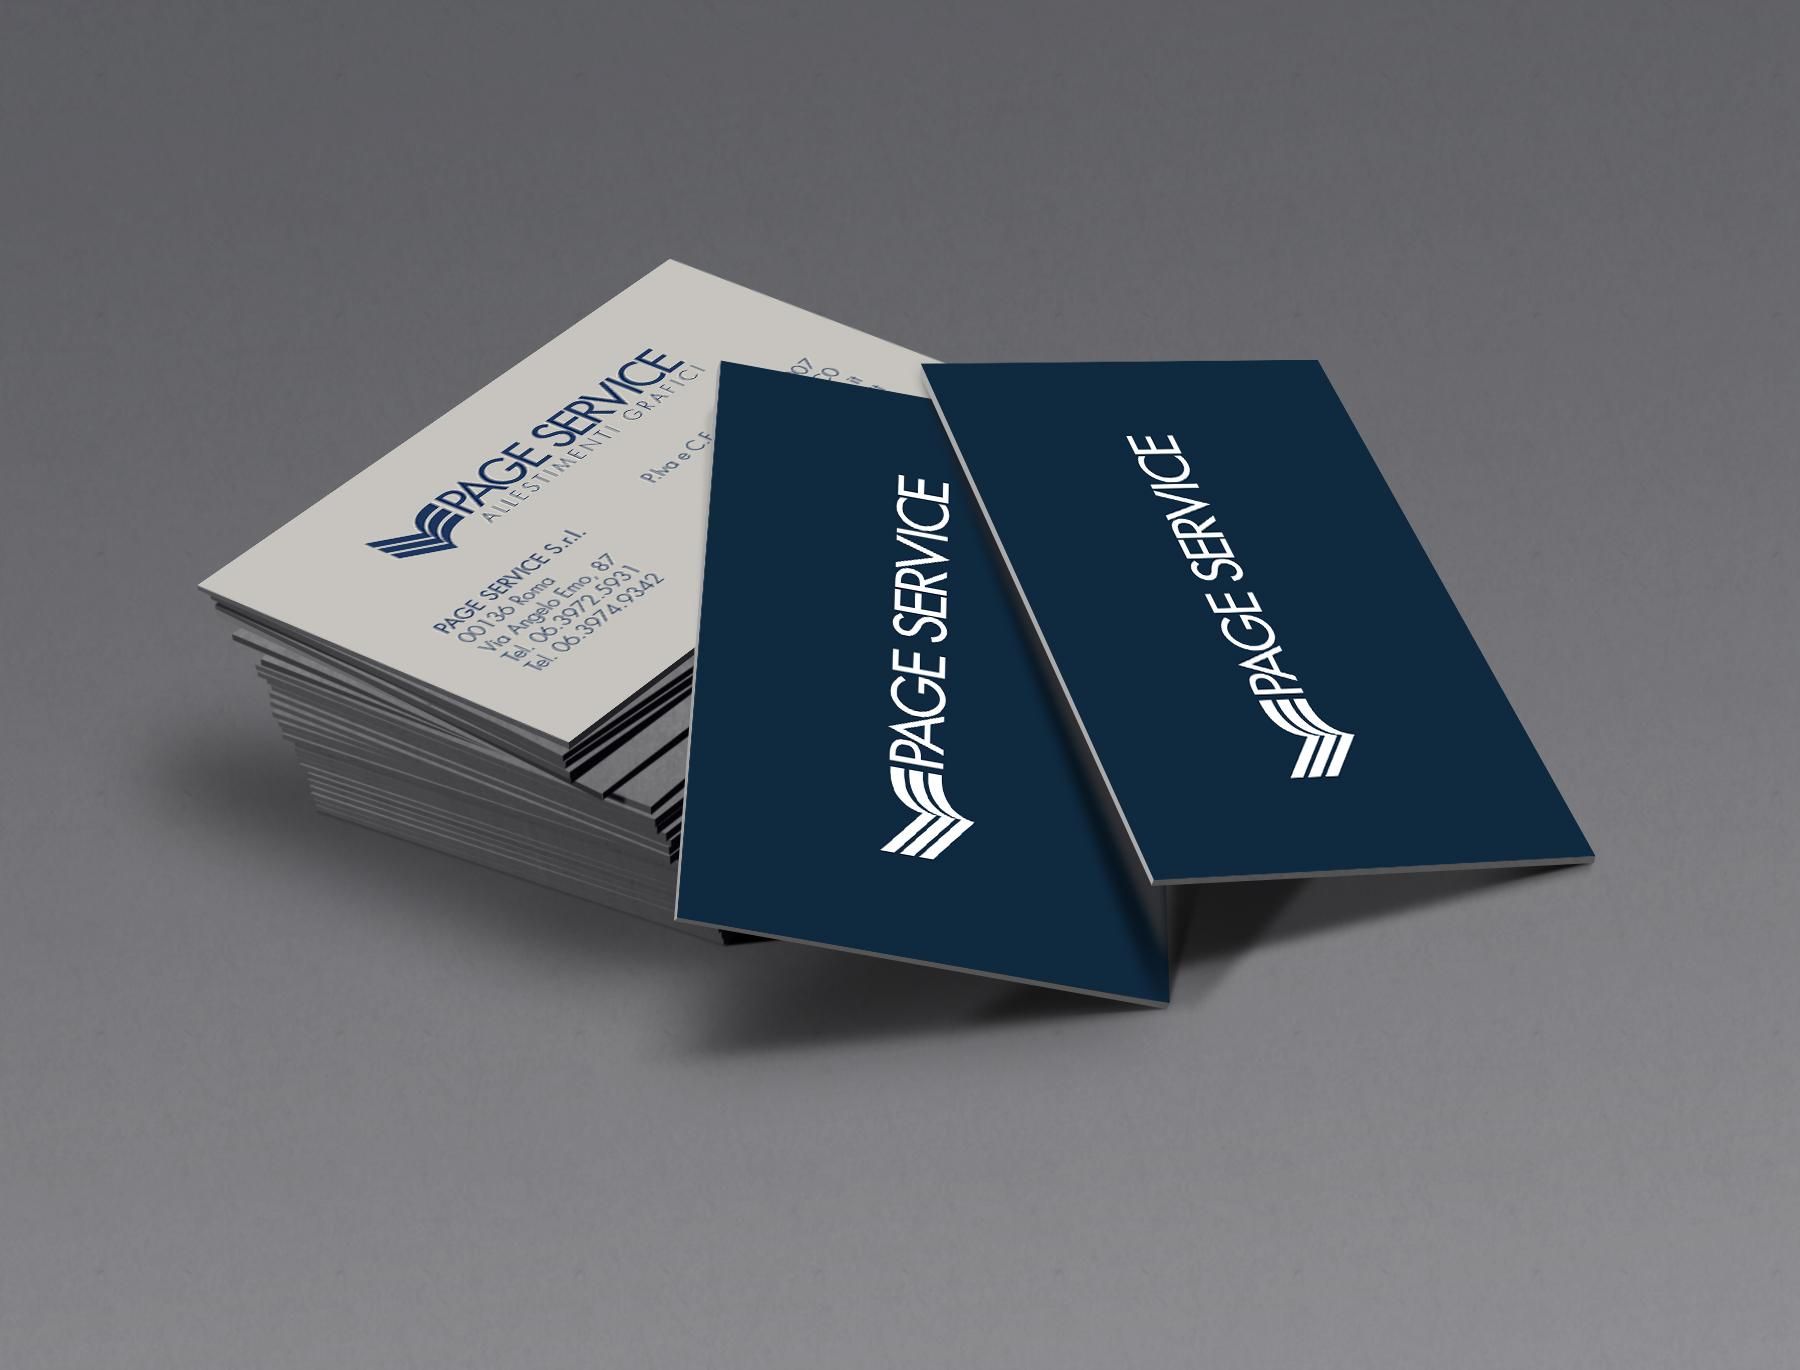 Biglietti da visita - Page Service - pageservice.it